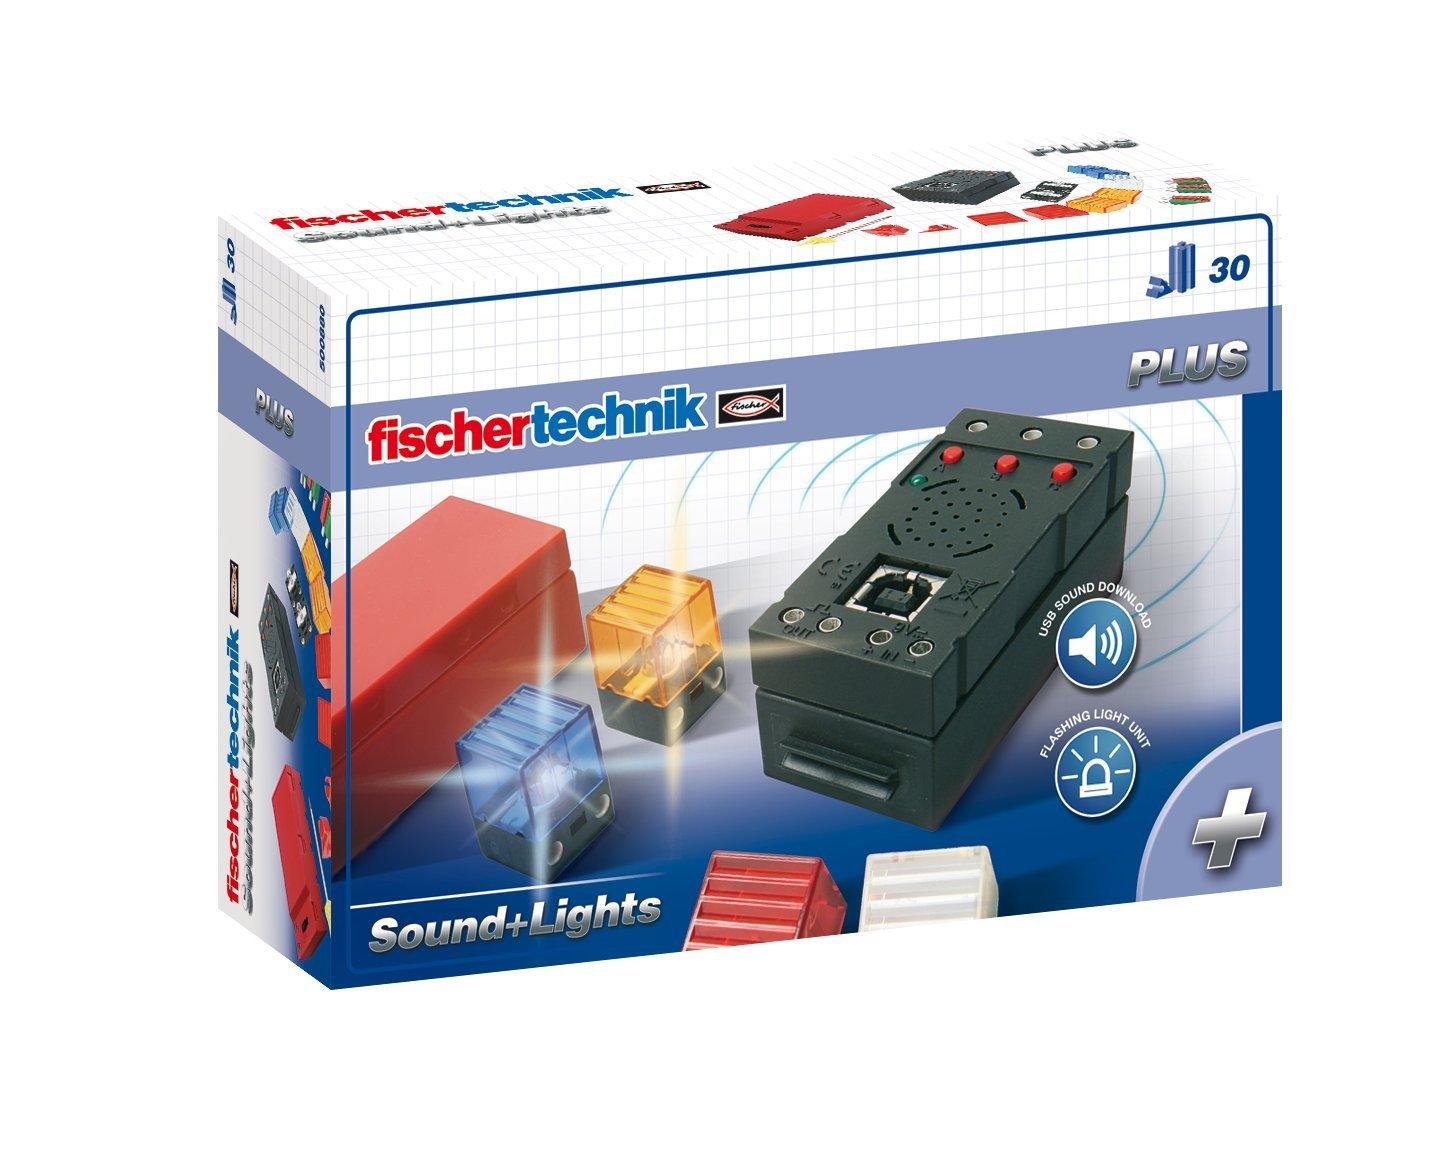 Fischertechnik 500 880 - Sounds and Lights: Amazon.de: Spielzeug